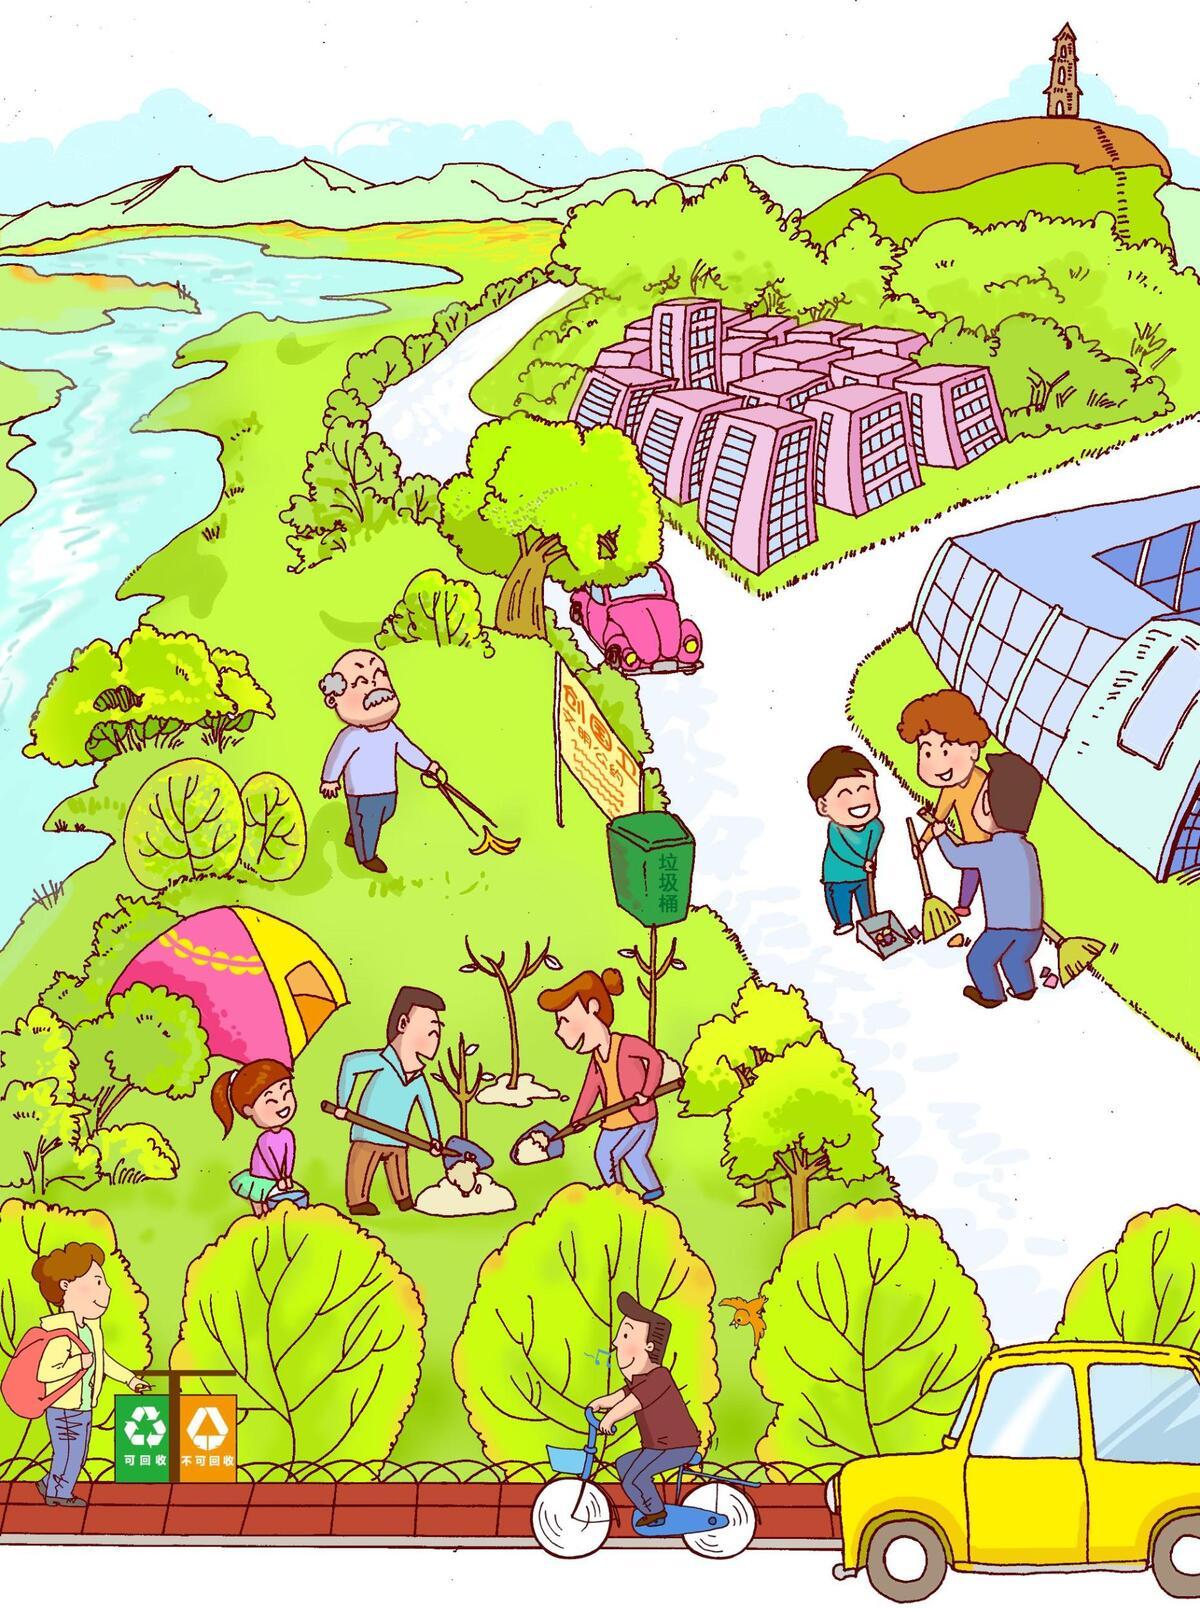 天台新闻网 新闻频道 天台新闻  创建国家卫生县城既是庞大工程,又是图片